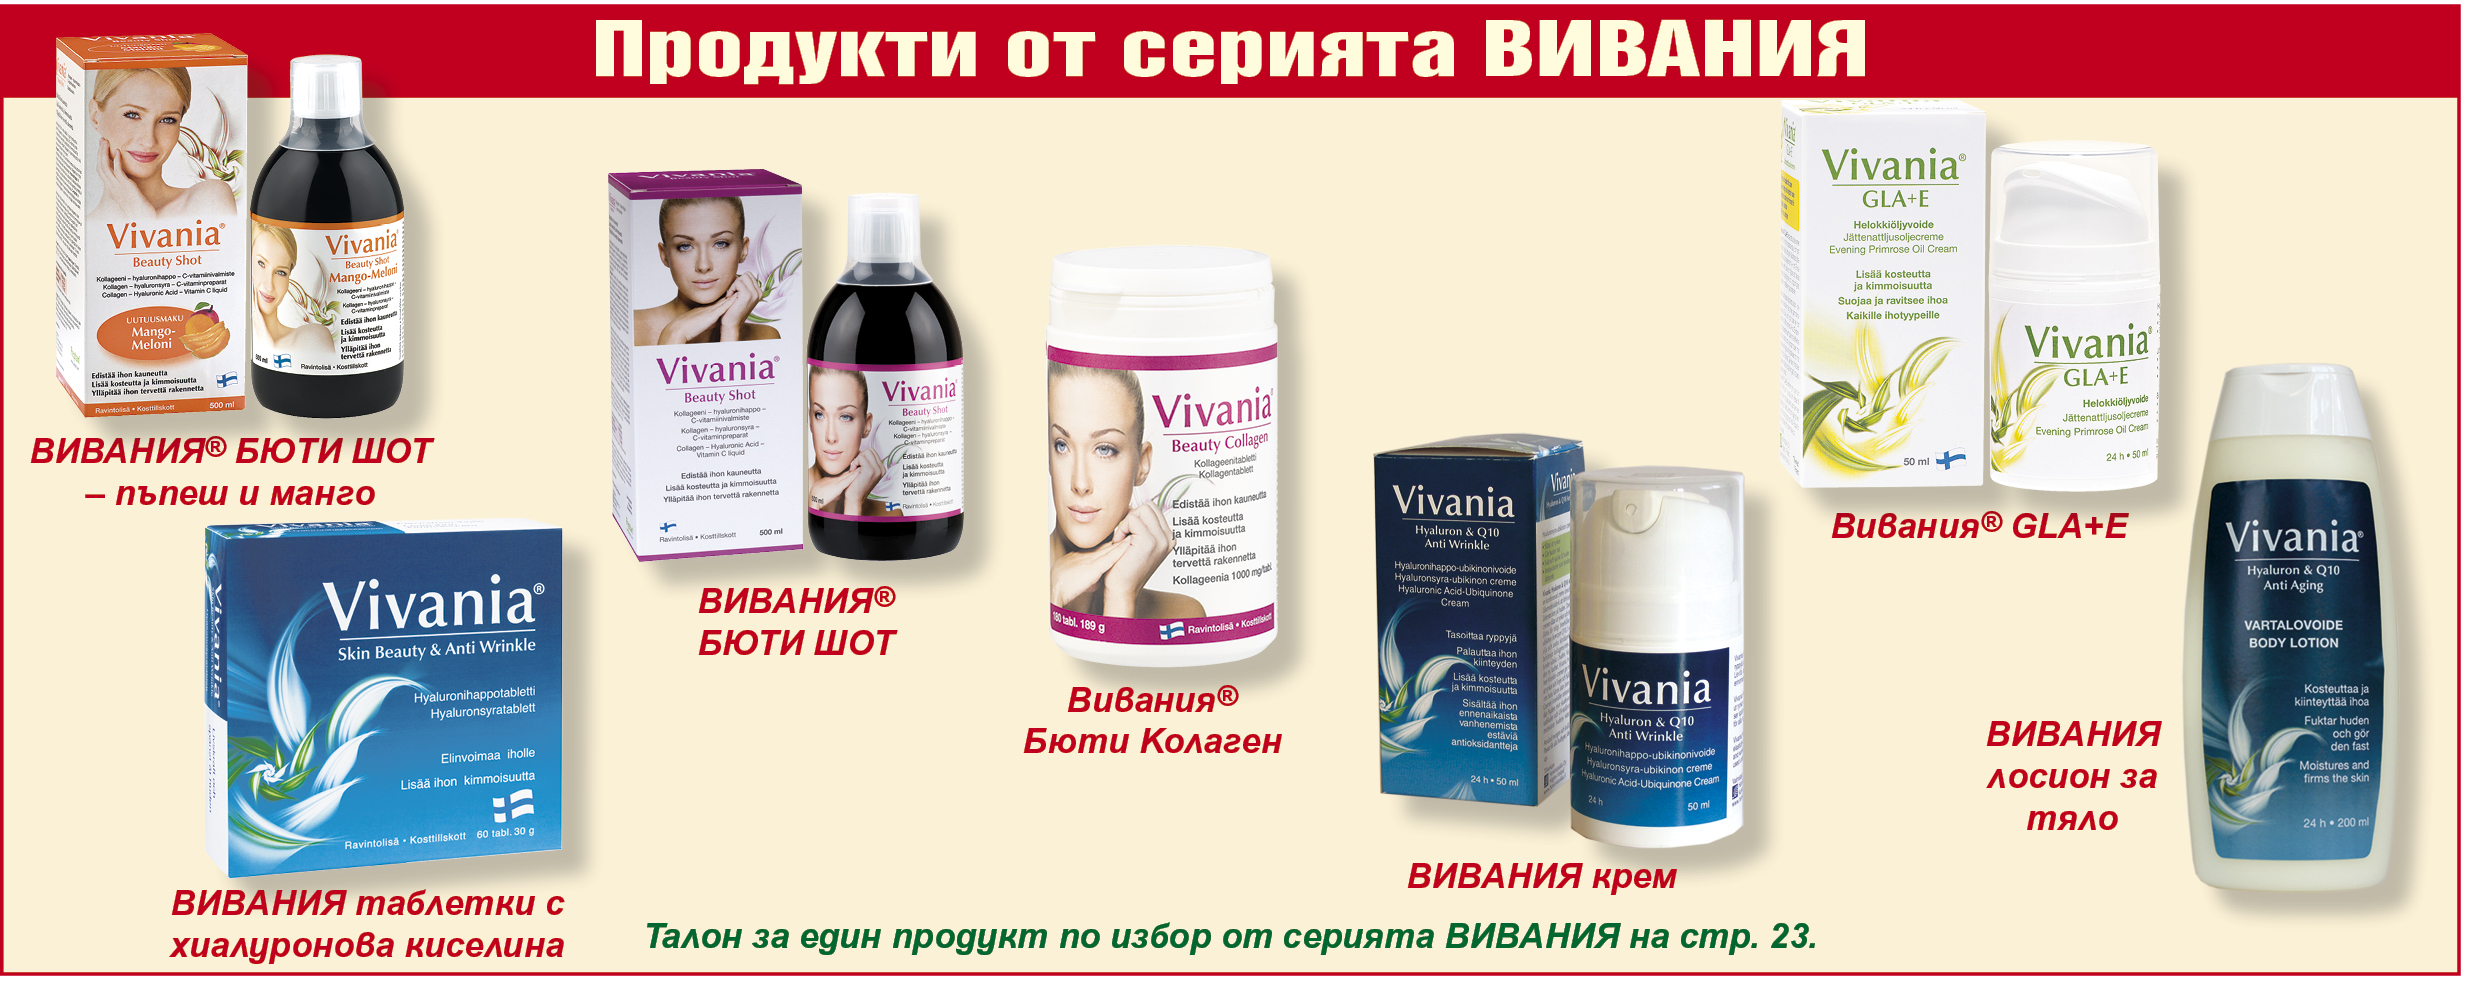 Psorilin: За кожата | Псориазис – симптоми, причини и решения